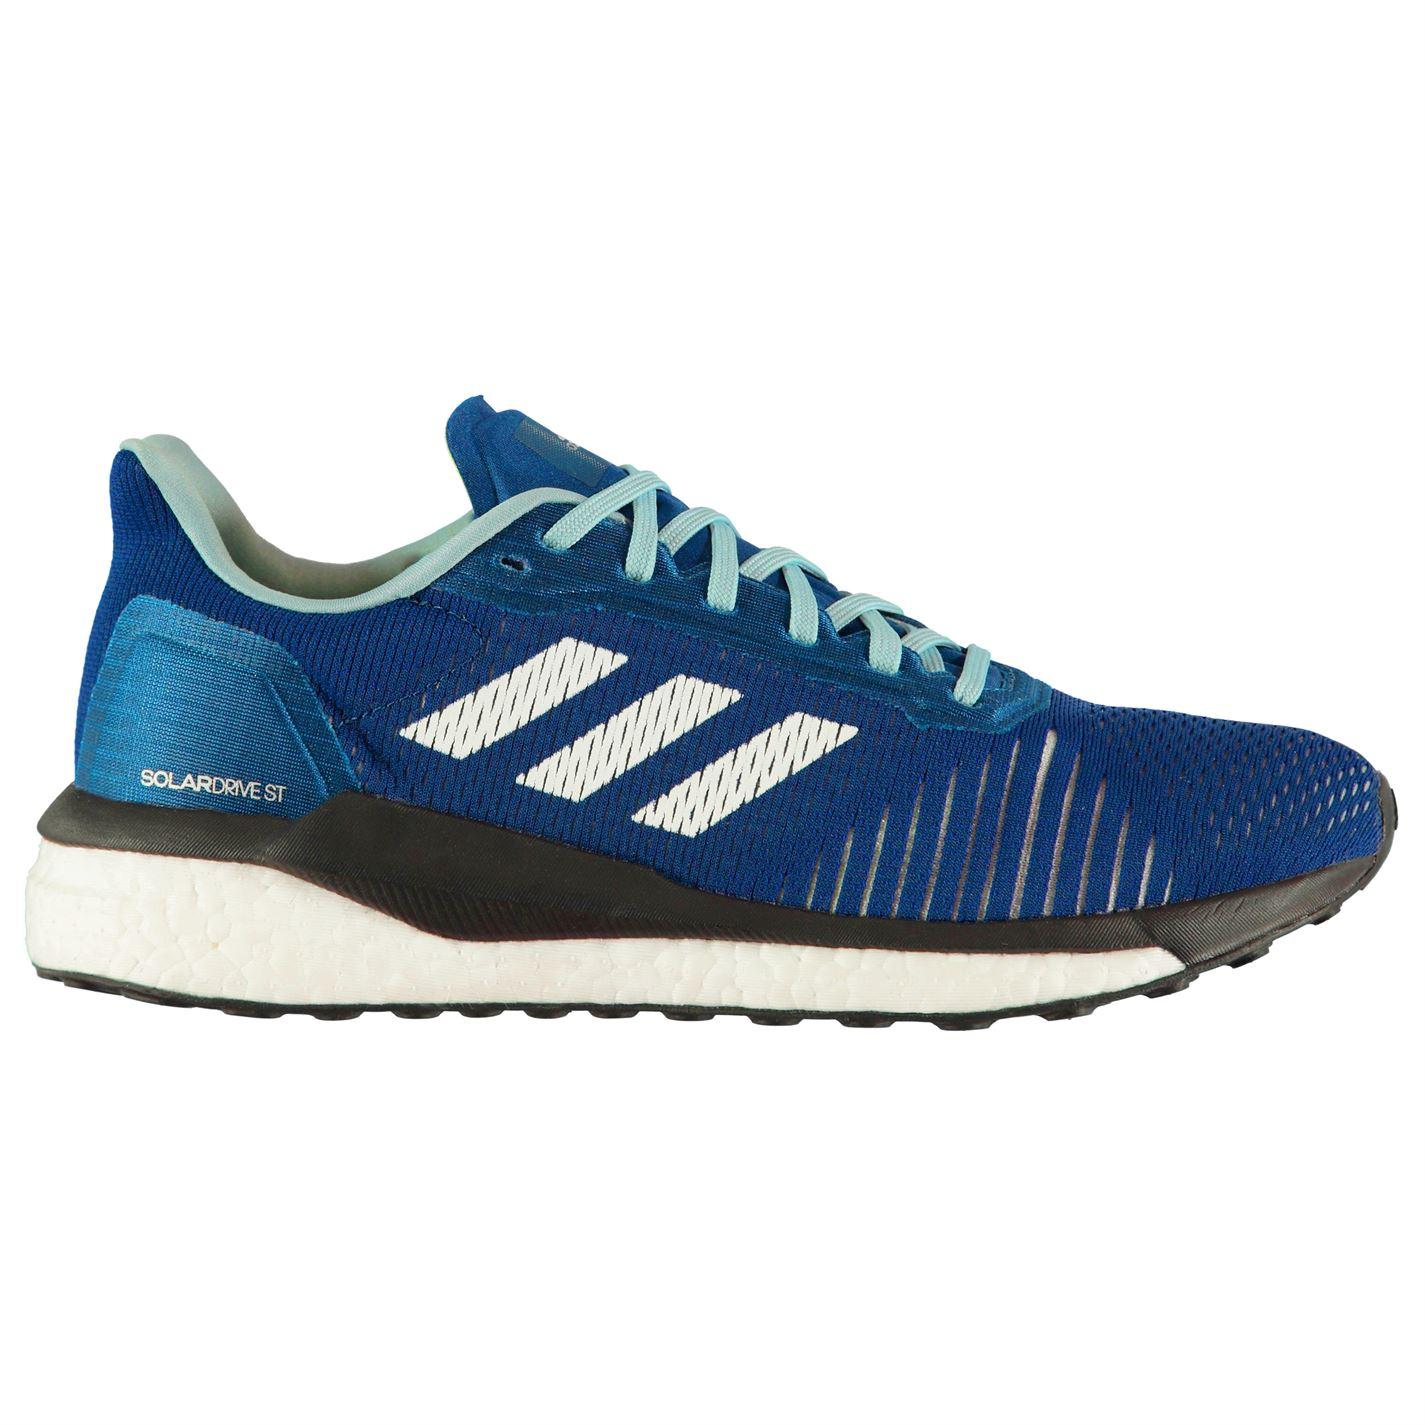 Adidas Solar Drive ST pánské Running Shoes